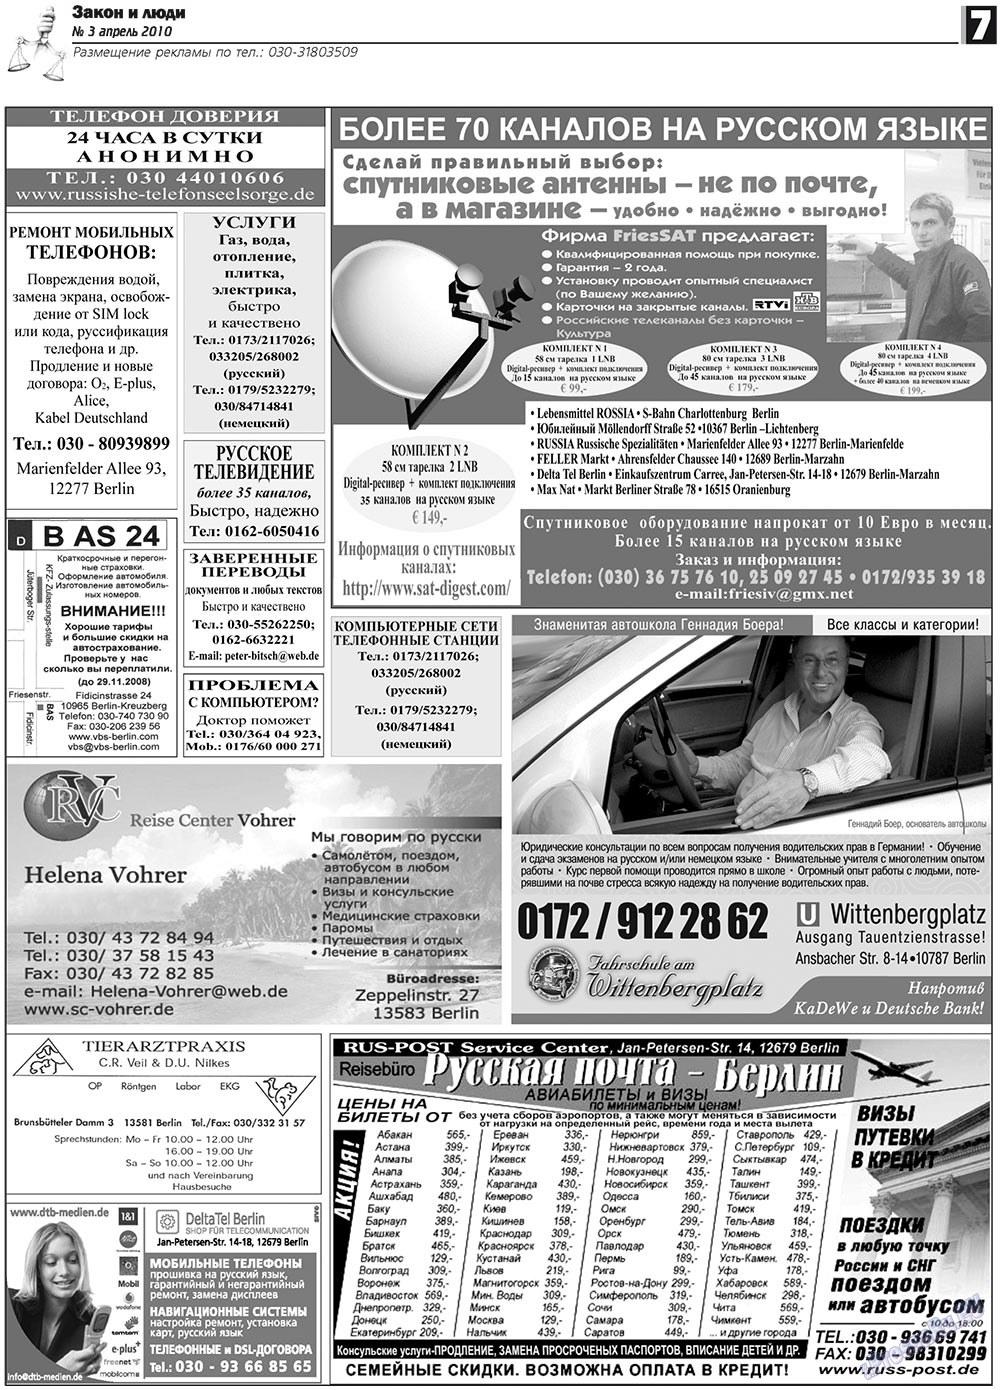 Закон и люди (газета). 2010 год, номер 3, стр. 7